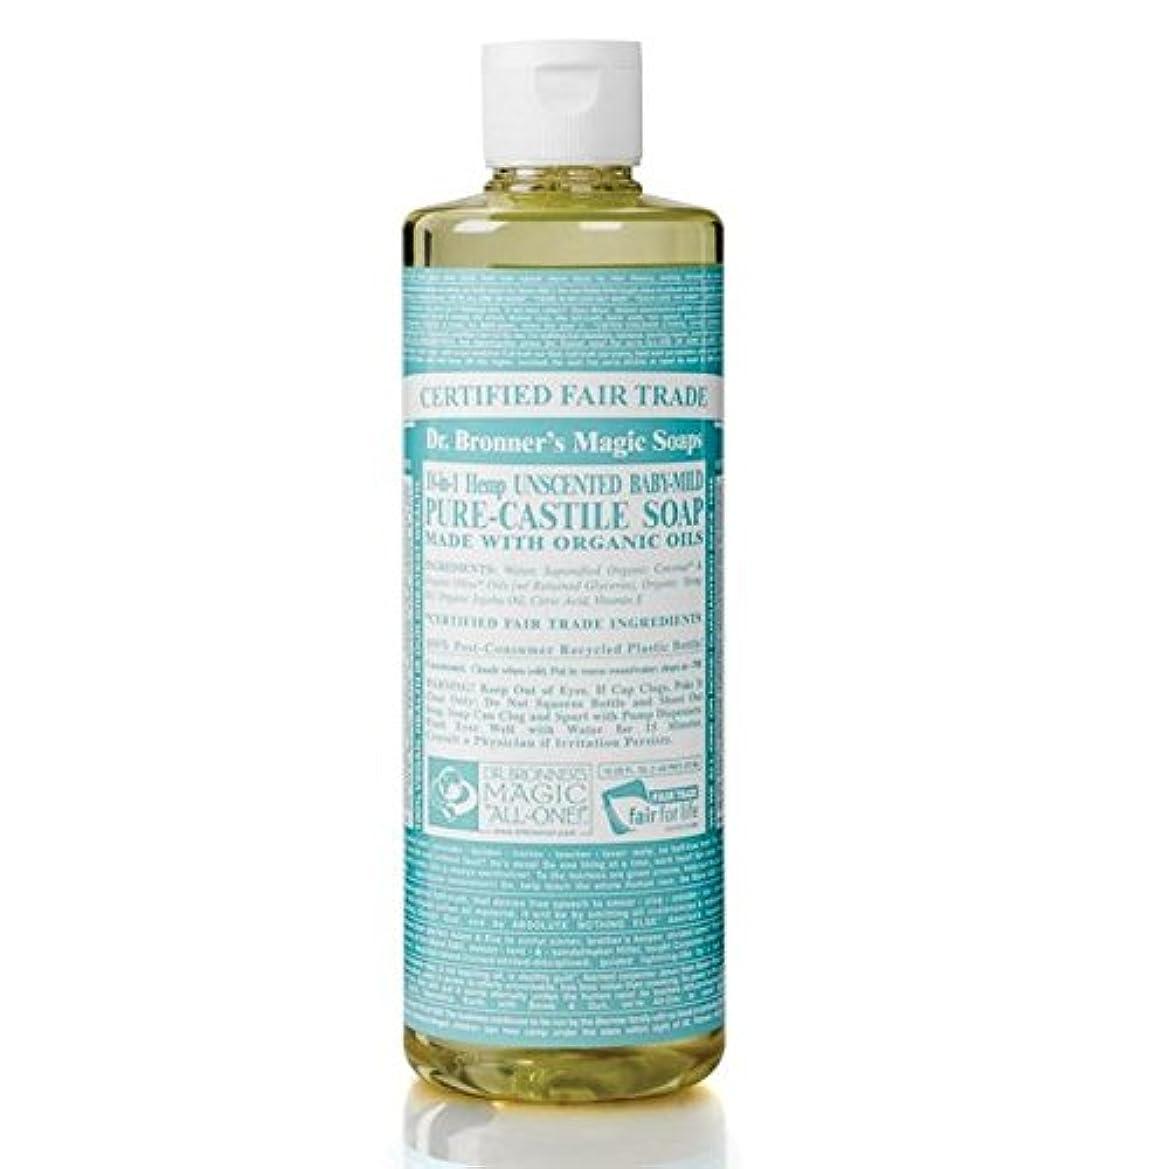 症候群軽食エロチックDr Bronner Organic Baby Mild Castile Liquid Soap 473ml - のブロナーオーガニックベビーマイルドなカスティーリャ液体石鹸473ミリリットル [並行輸入品]